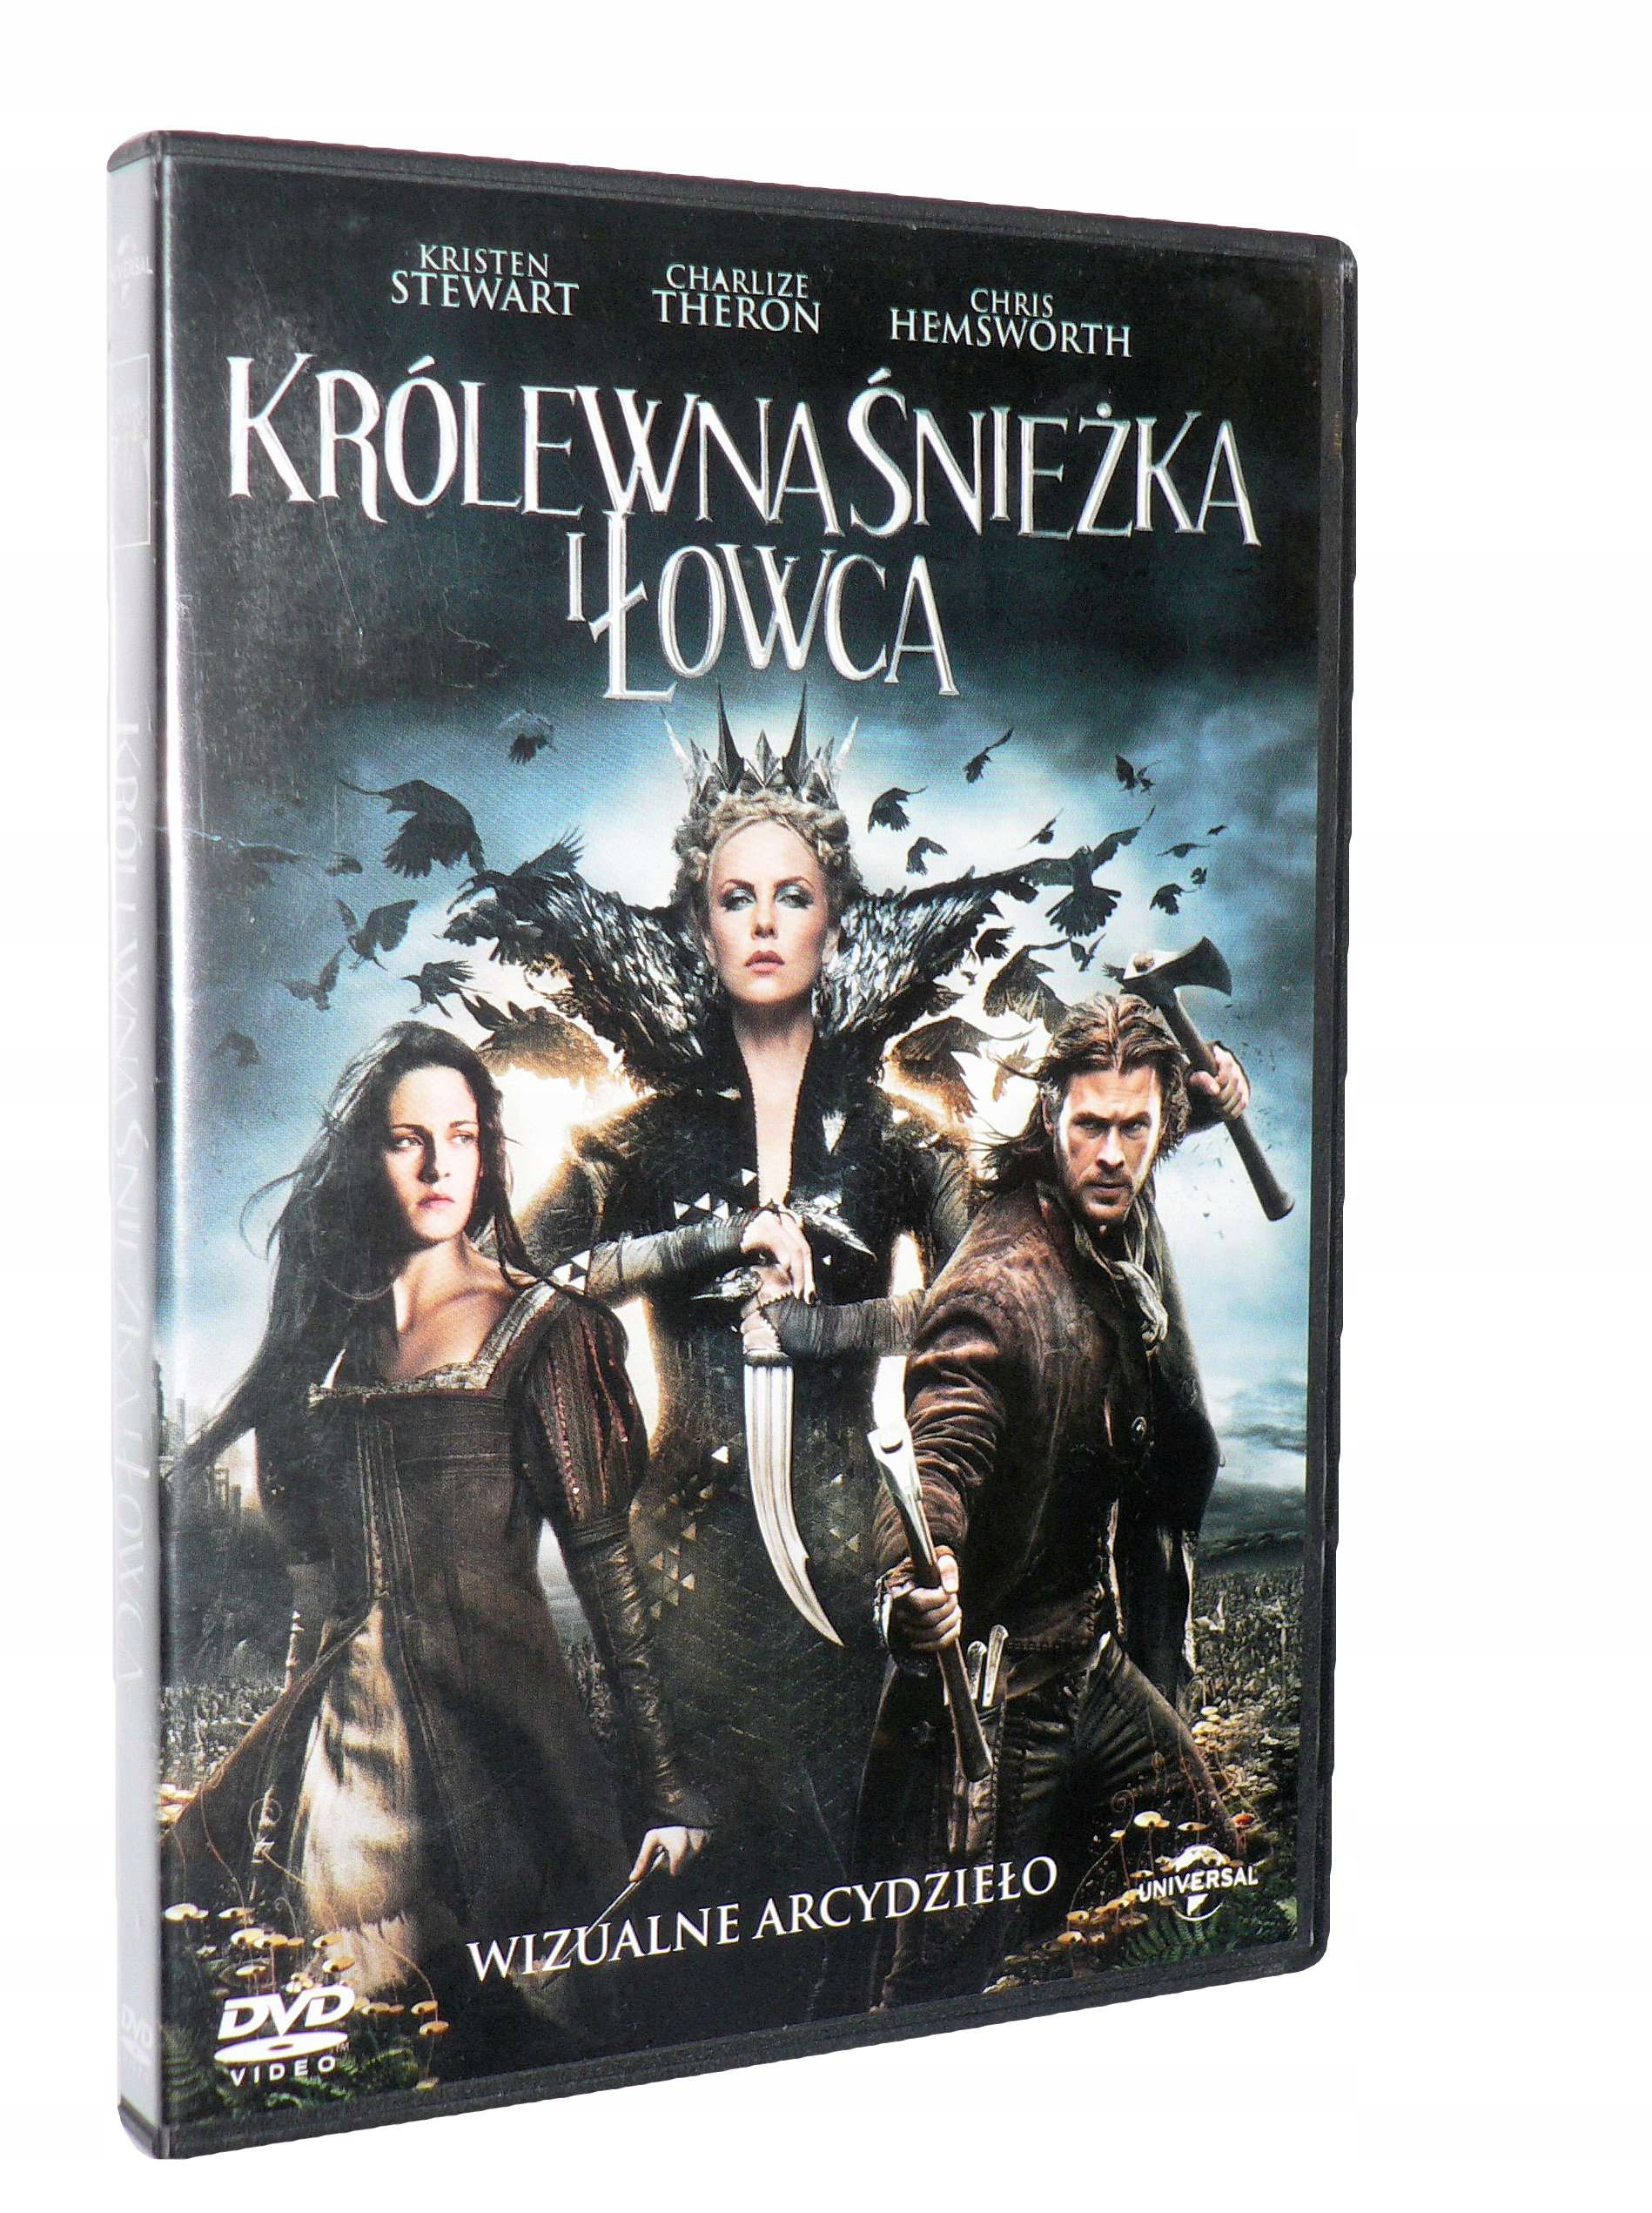 DVD - KRÓLEWNA ŚNIEŻKA I ŁOWCA (2012) - lektor